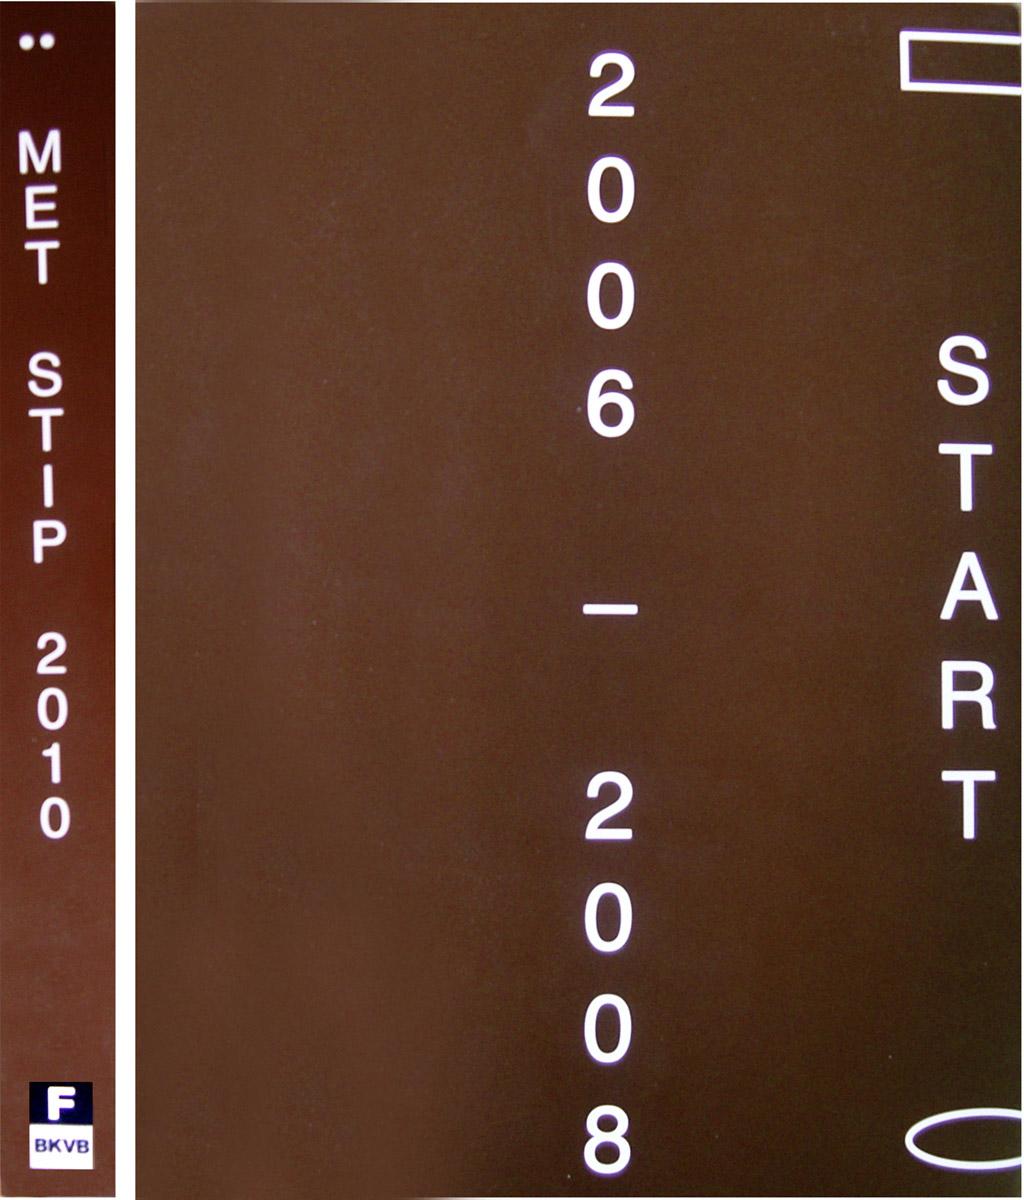 Met Stip 2010